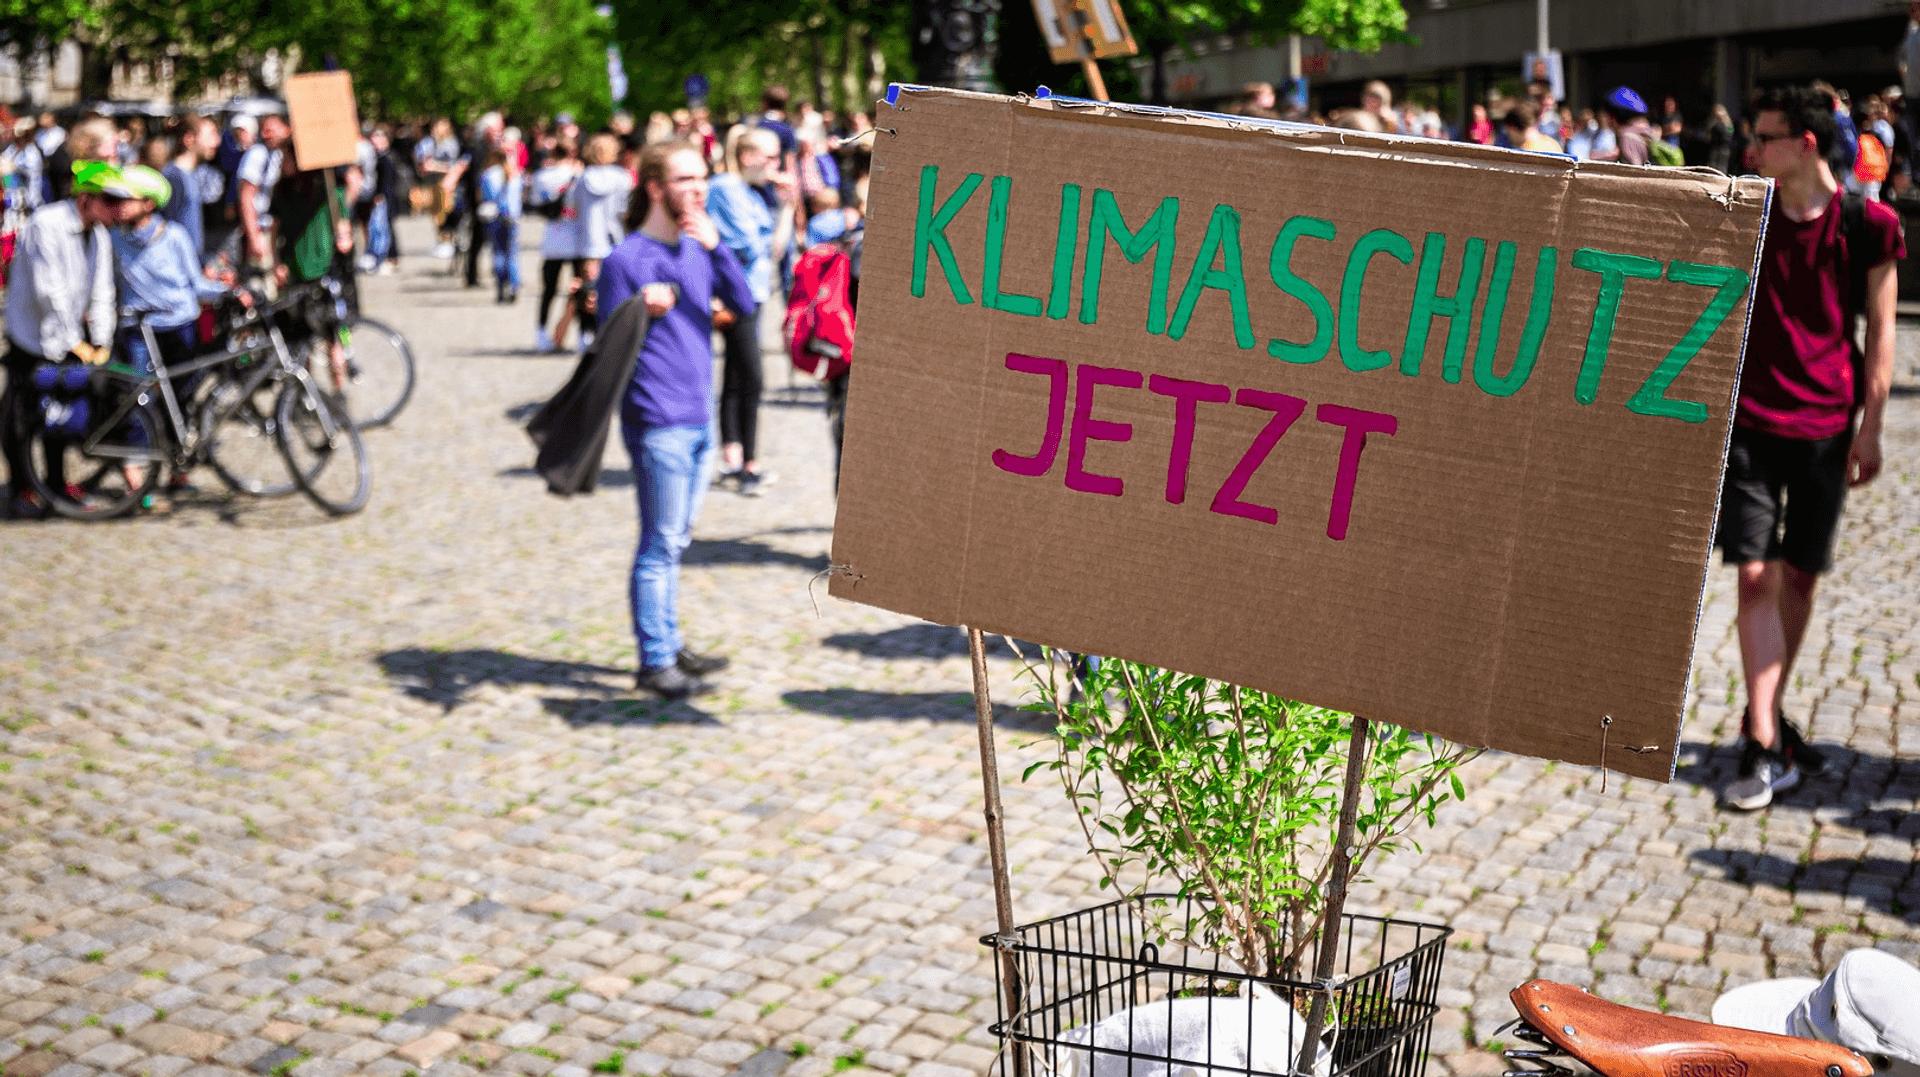 Demo-Schild zum Klima-Streik an einem Fahrrad befestigt